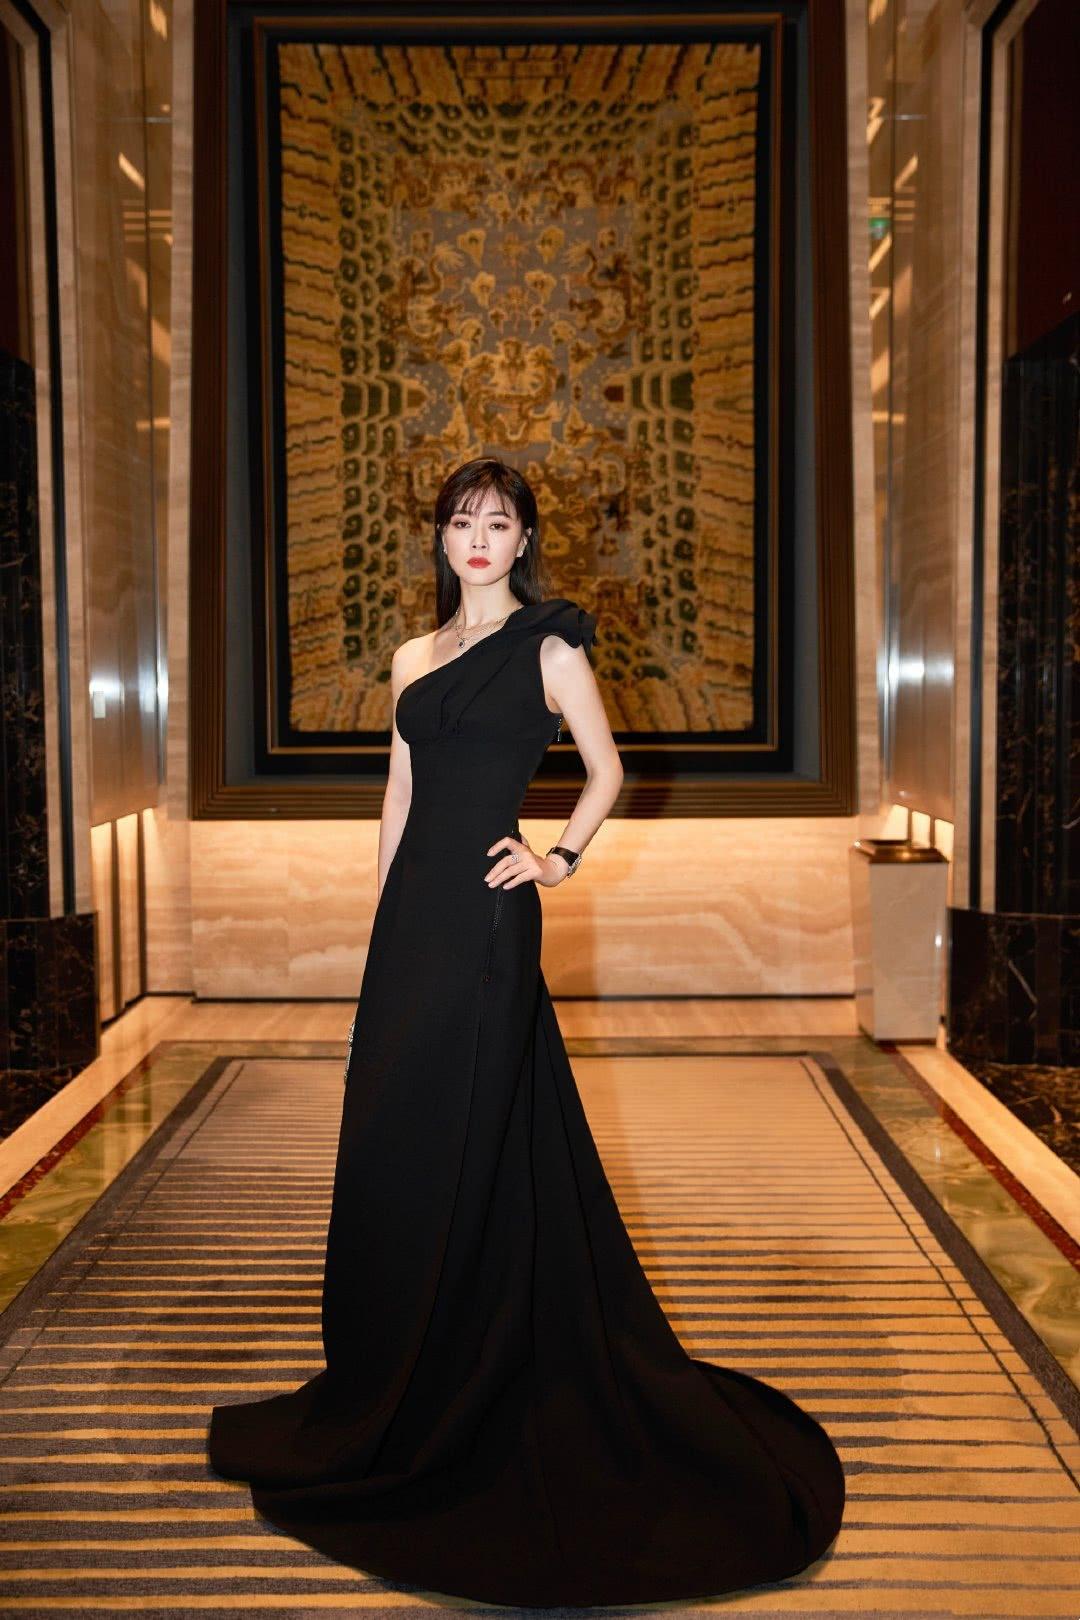 44岁田海蓉才是真冻龄!一袭黑色长裙惊艳亮相,看着真像90后